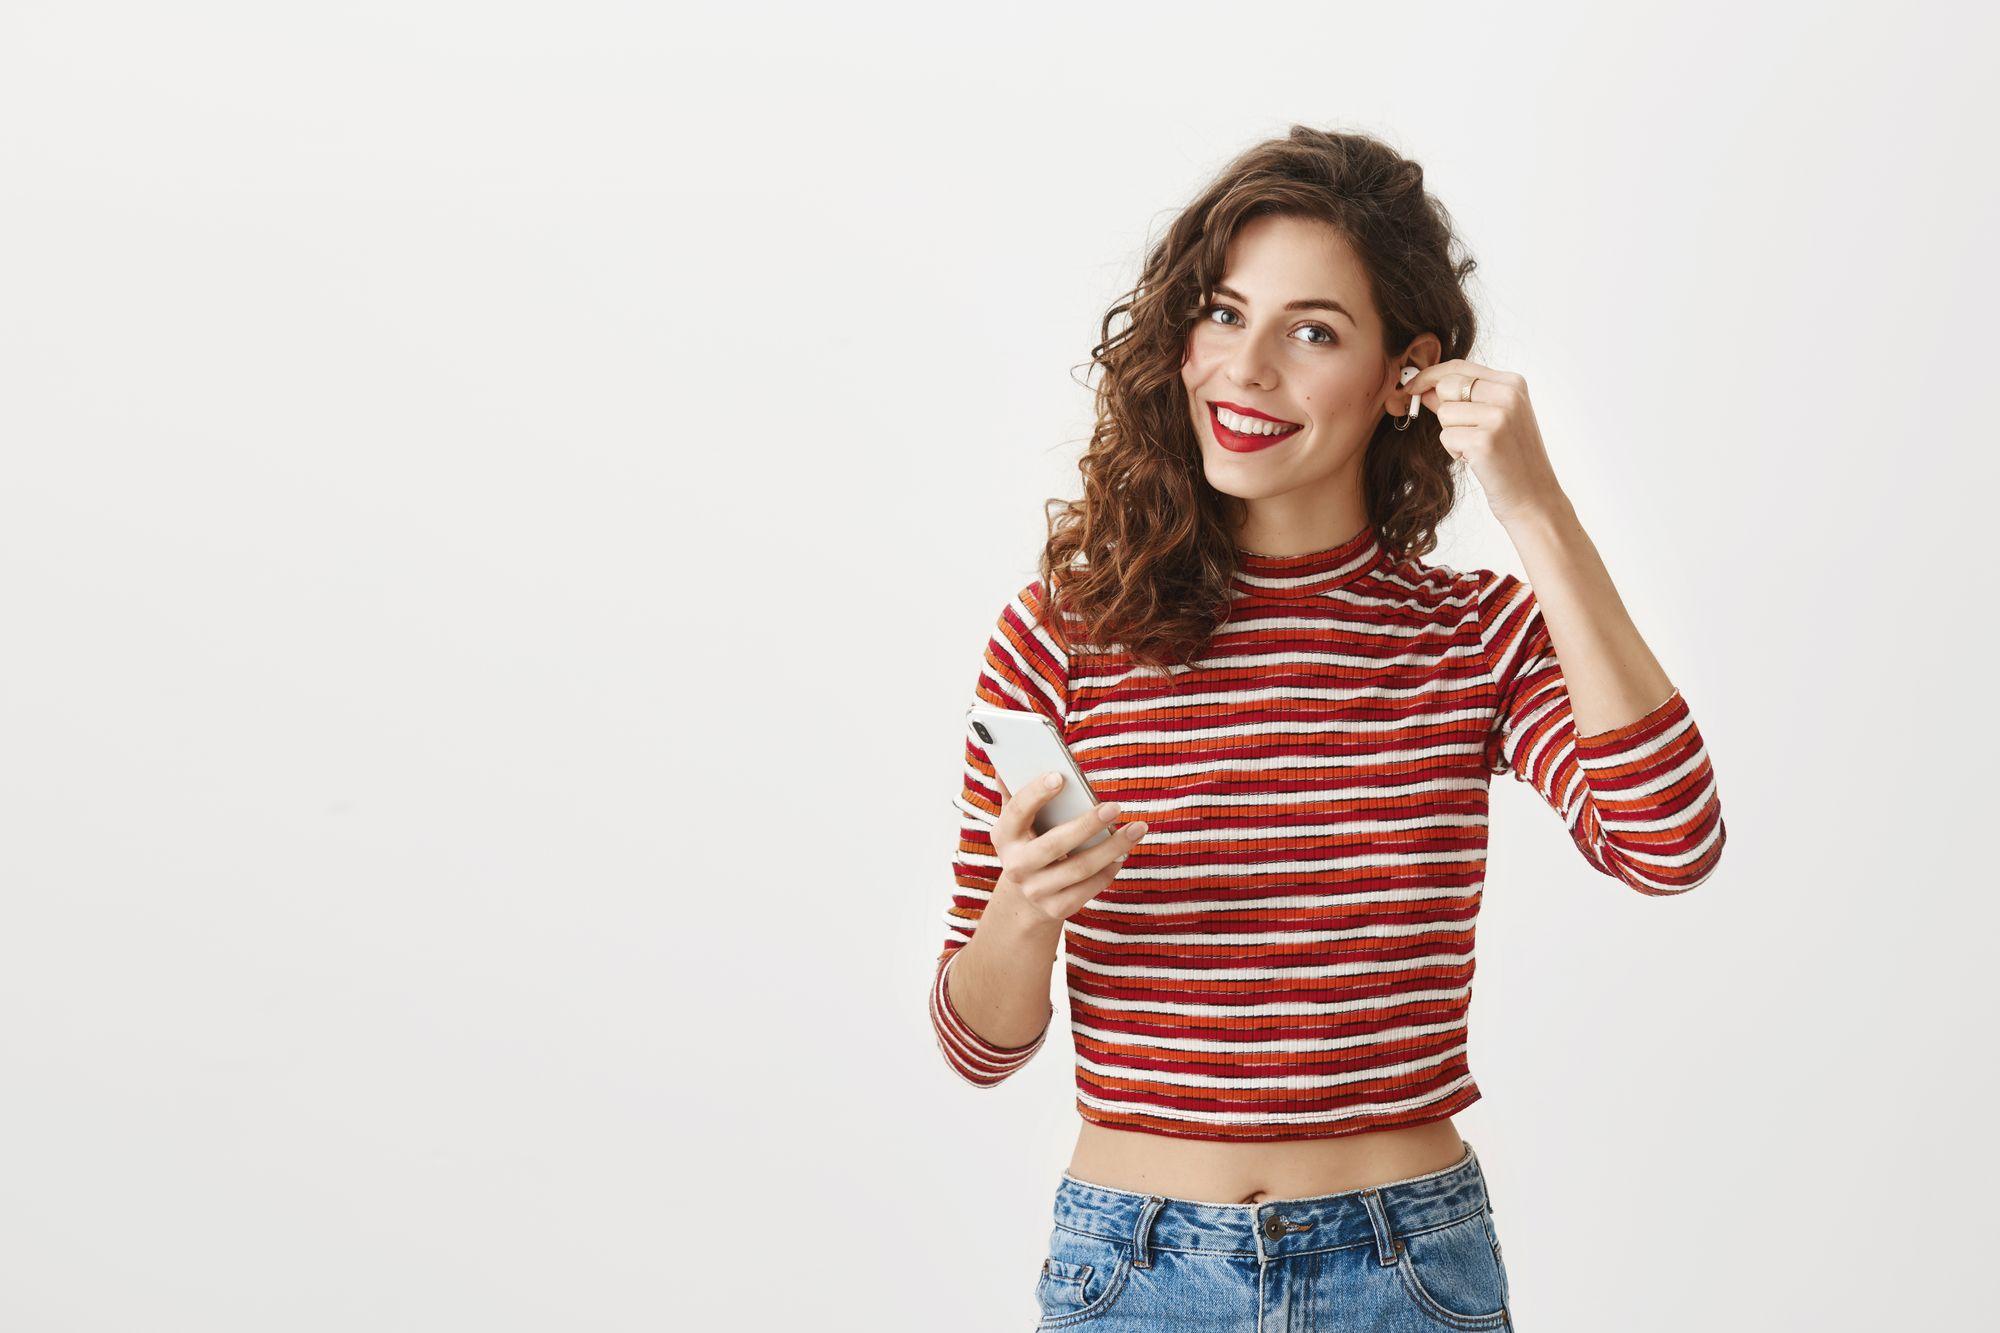 Co sprzedawać w 2021 - słuchawki bezprzewodowe